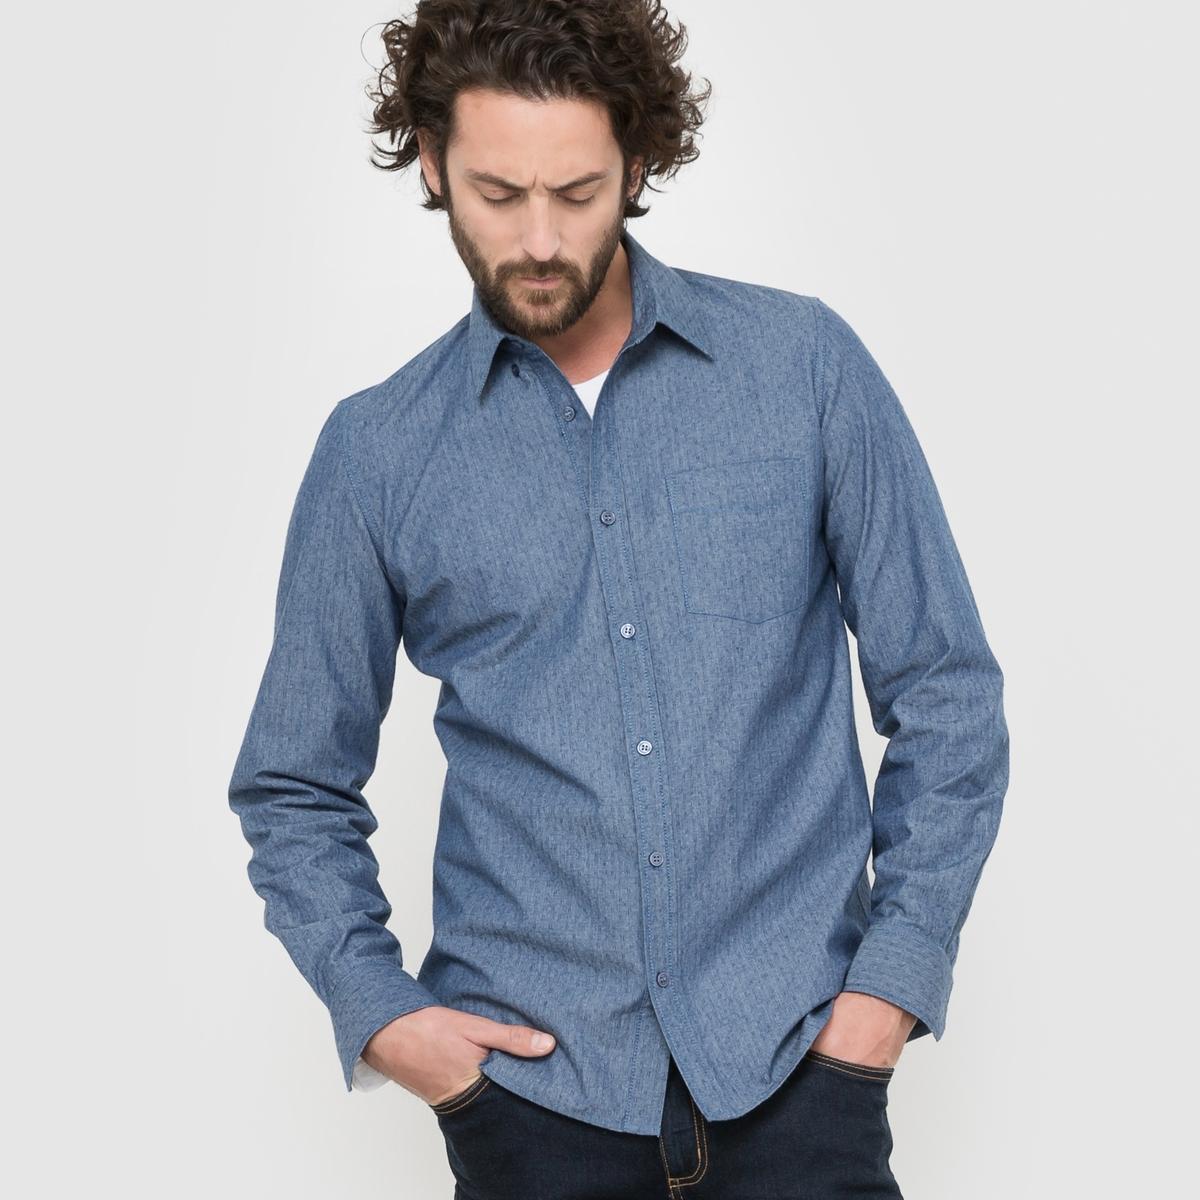 Рубашка прямого покроя из шамбре с длинными рукавамиРубашка с длинными рукавами из хлопка шамбре. Прямой покрой и воротник со свободными кончиками. Нагрудный карман. Манжеты на пуговицах и закругленный низ. Состав и описаниеМатериал : 100% хлопок  Длина : 76 см Марка : R essentiel<br><br>Цвет: шамбрэ